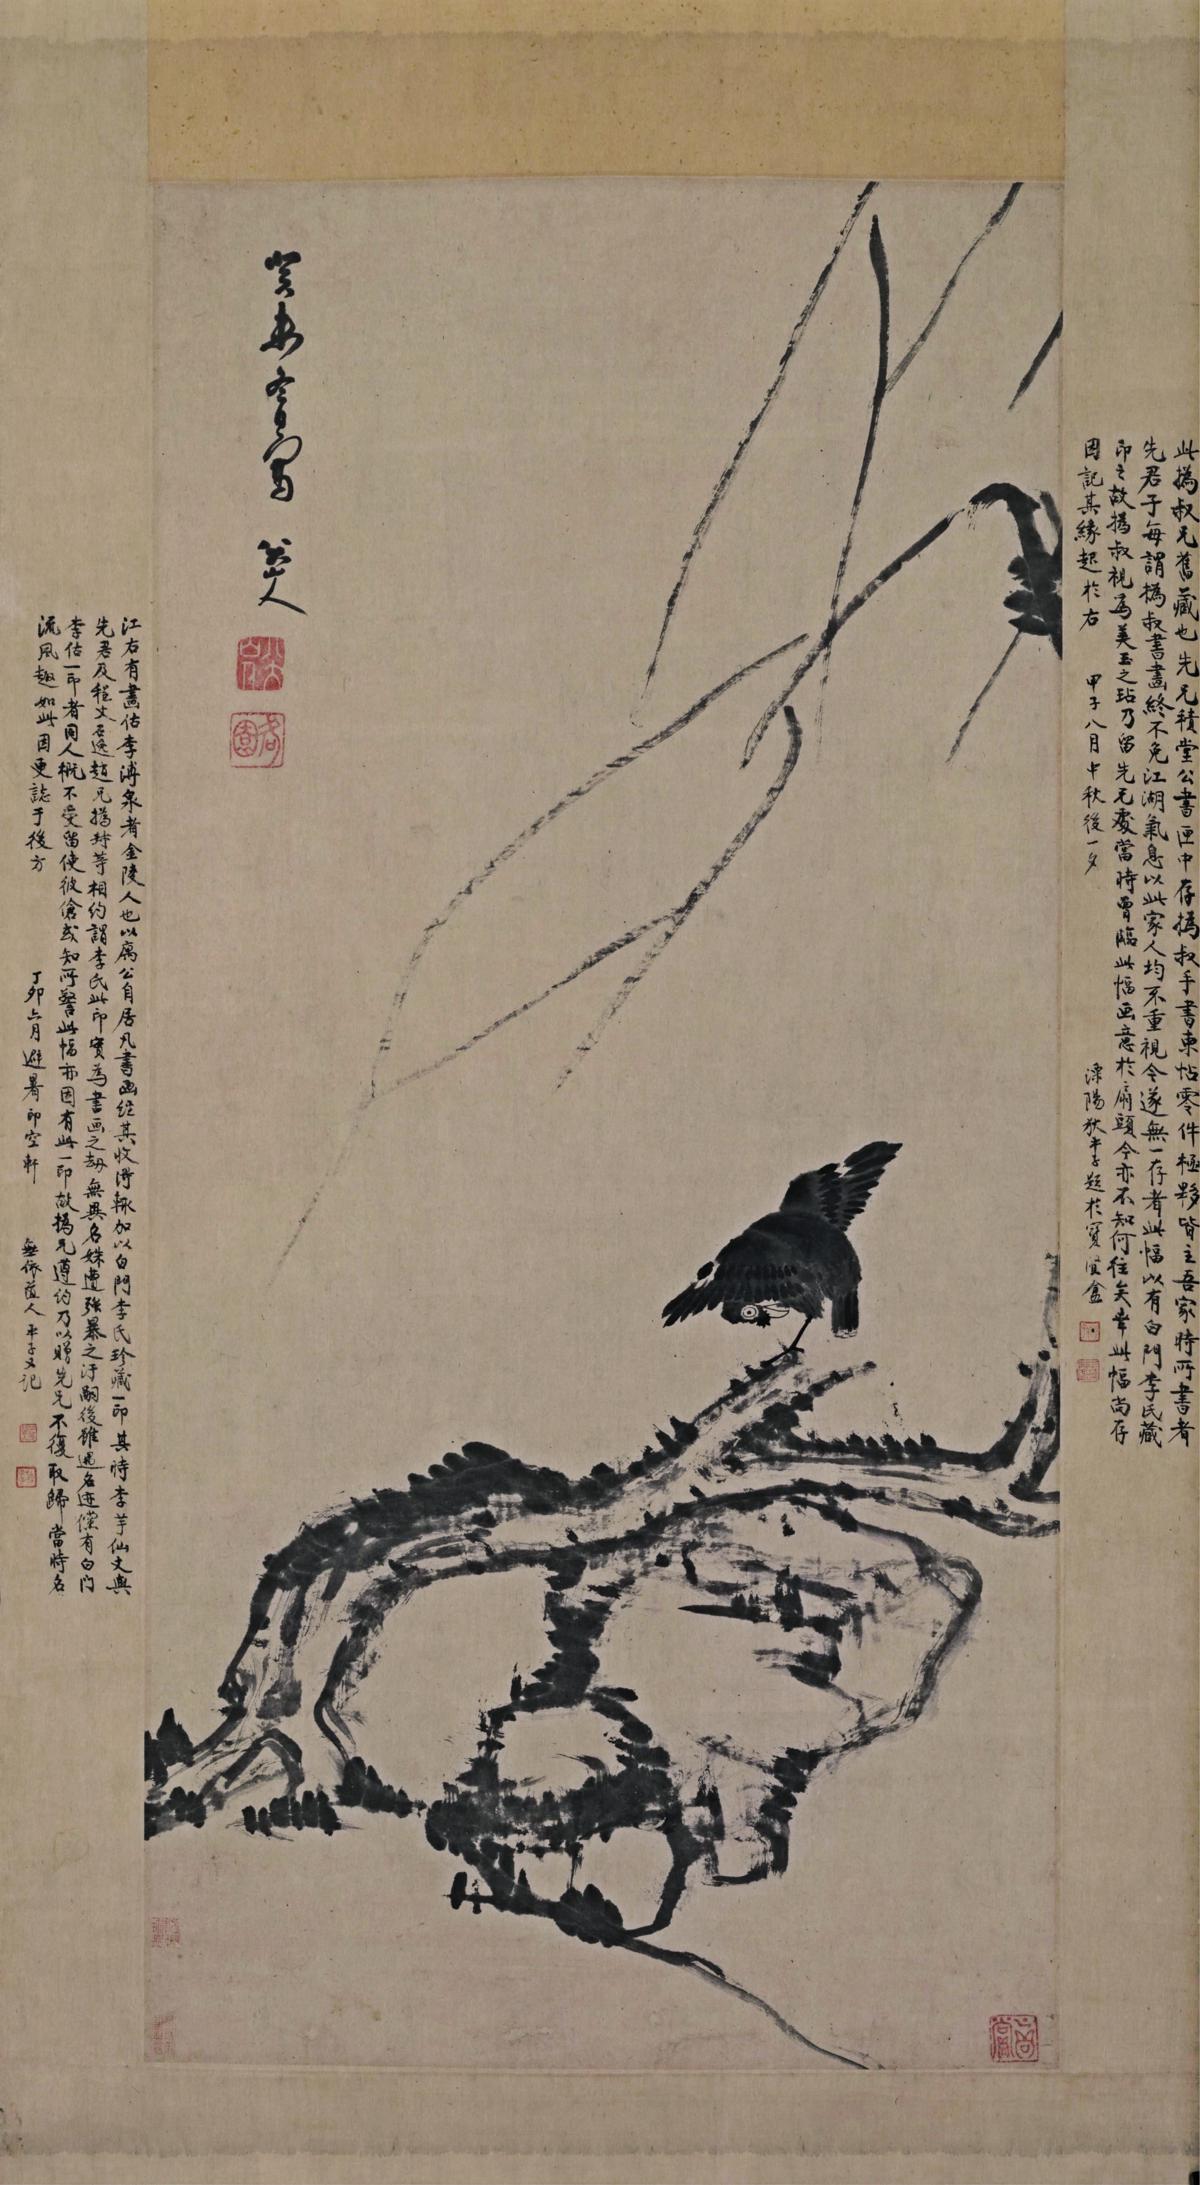 清 朱耷 杨柳浴禽图轴纸本119x58.4北京故宫